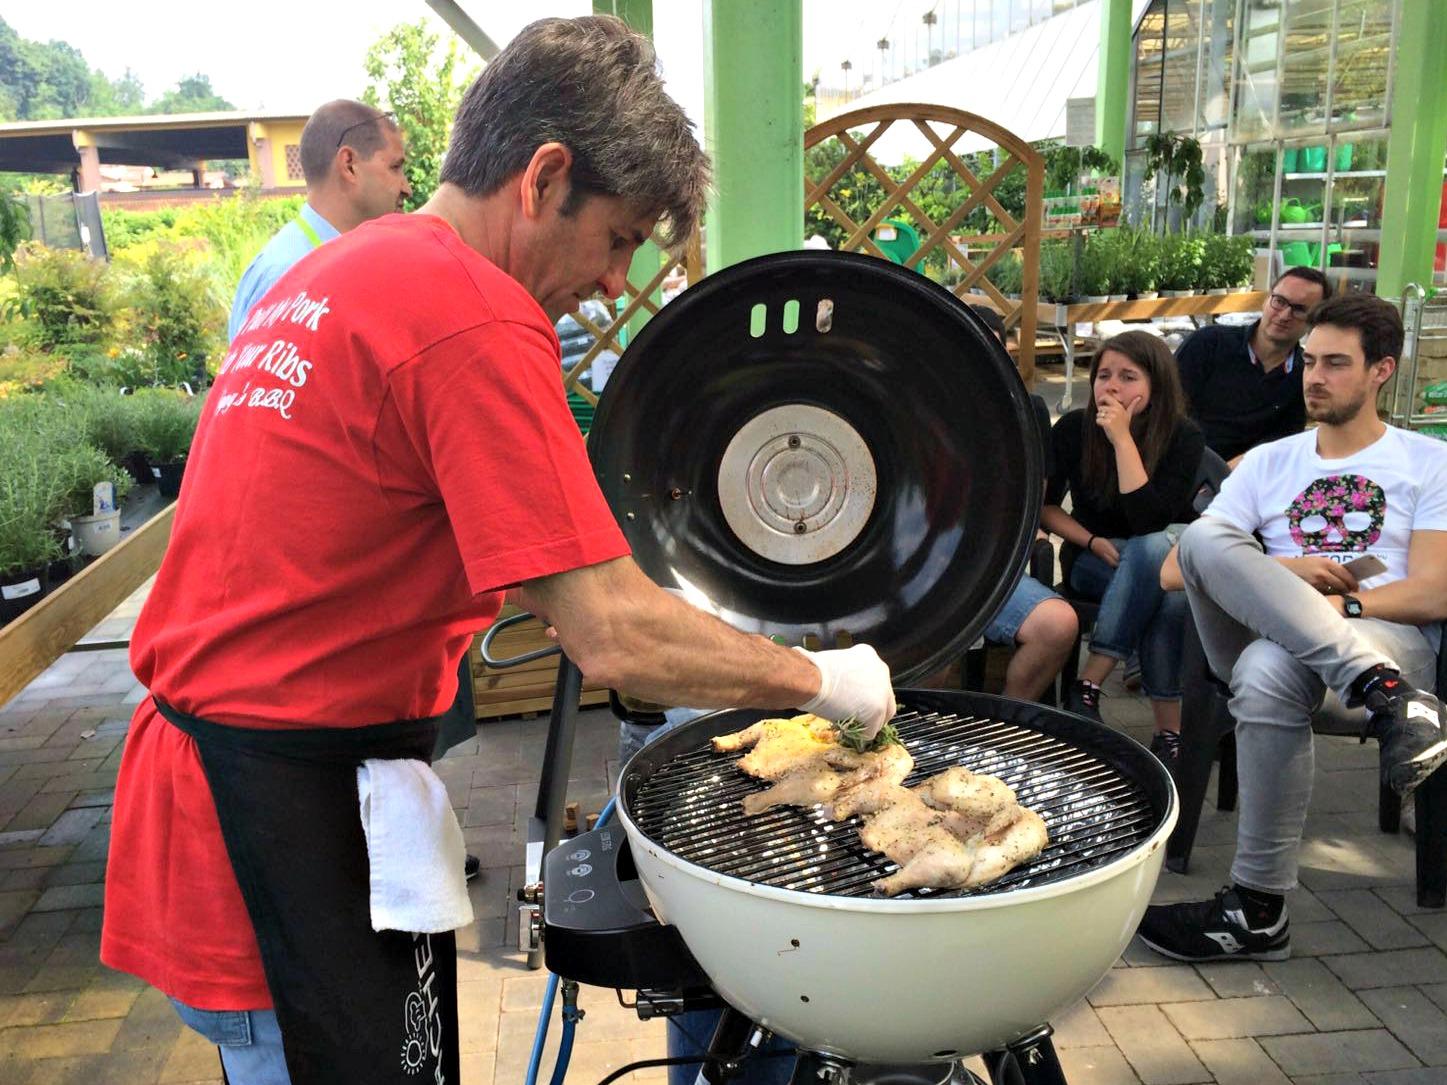 Maestri del barbecue: prima lezione